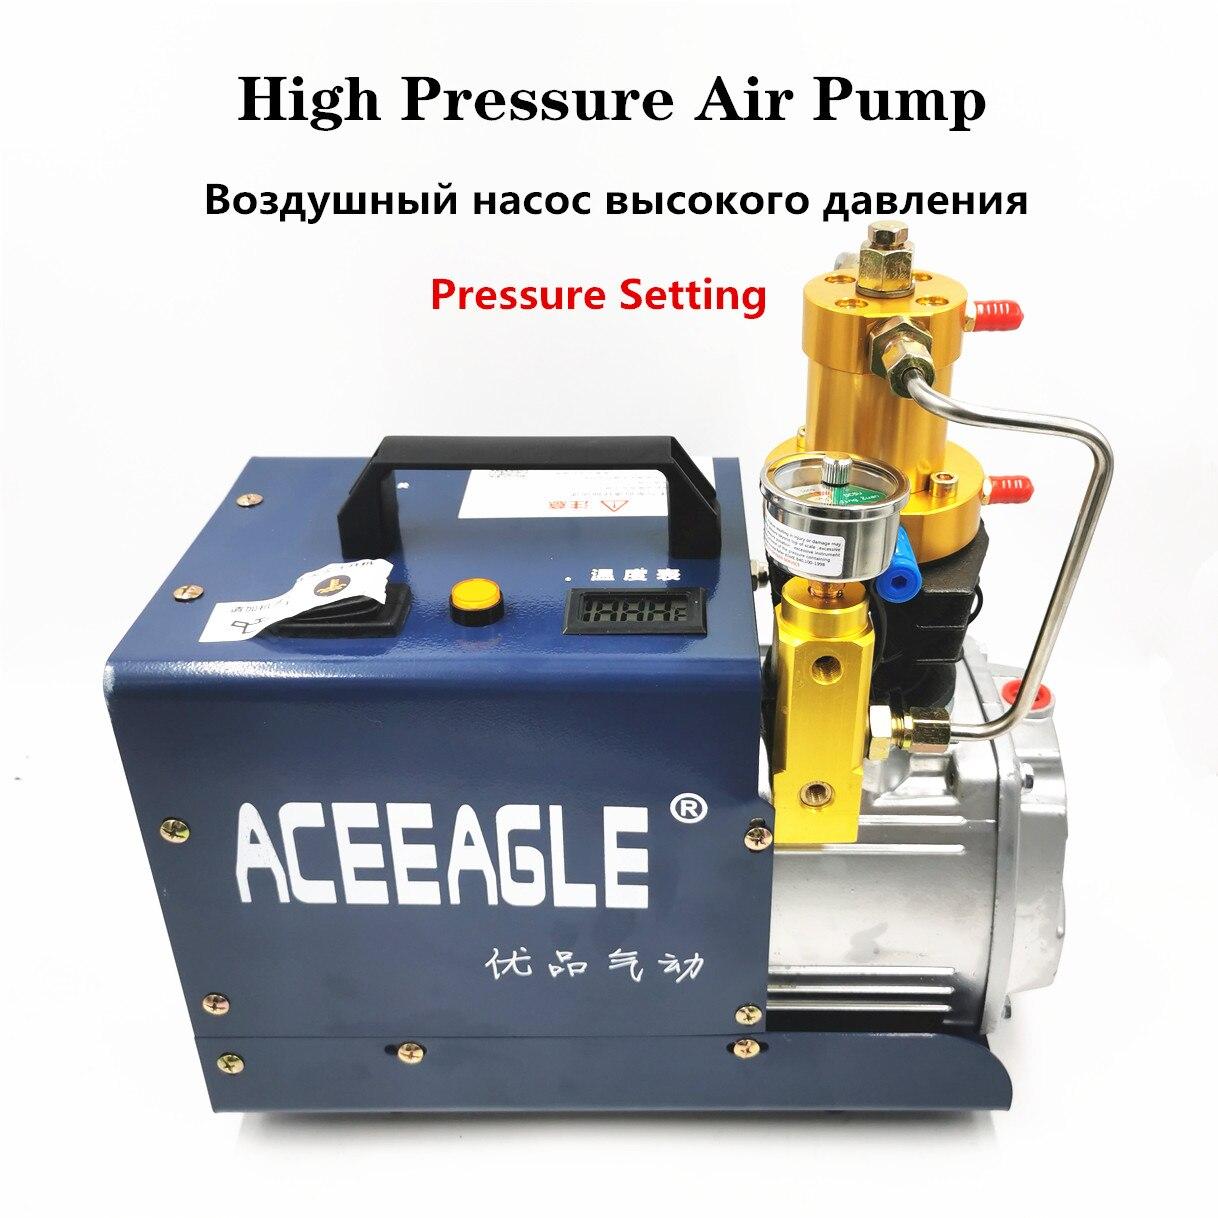 220 فولت 1.8KW 30 ميجا باسكال ضاغط الهواء الكهربائي ارتفاع ضغط مضخة هواء هوائي Airgun PCP نافخة الضغط الإعداد